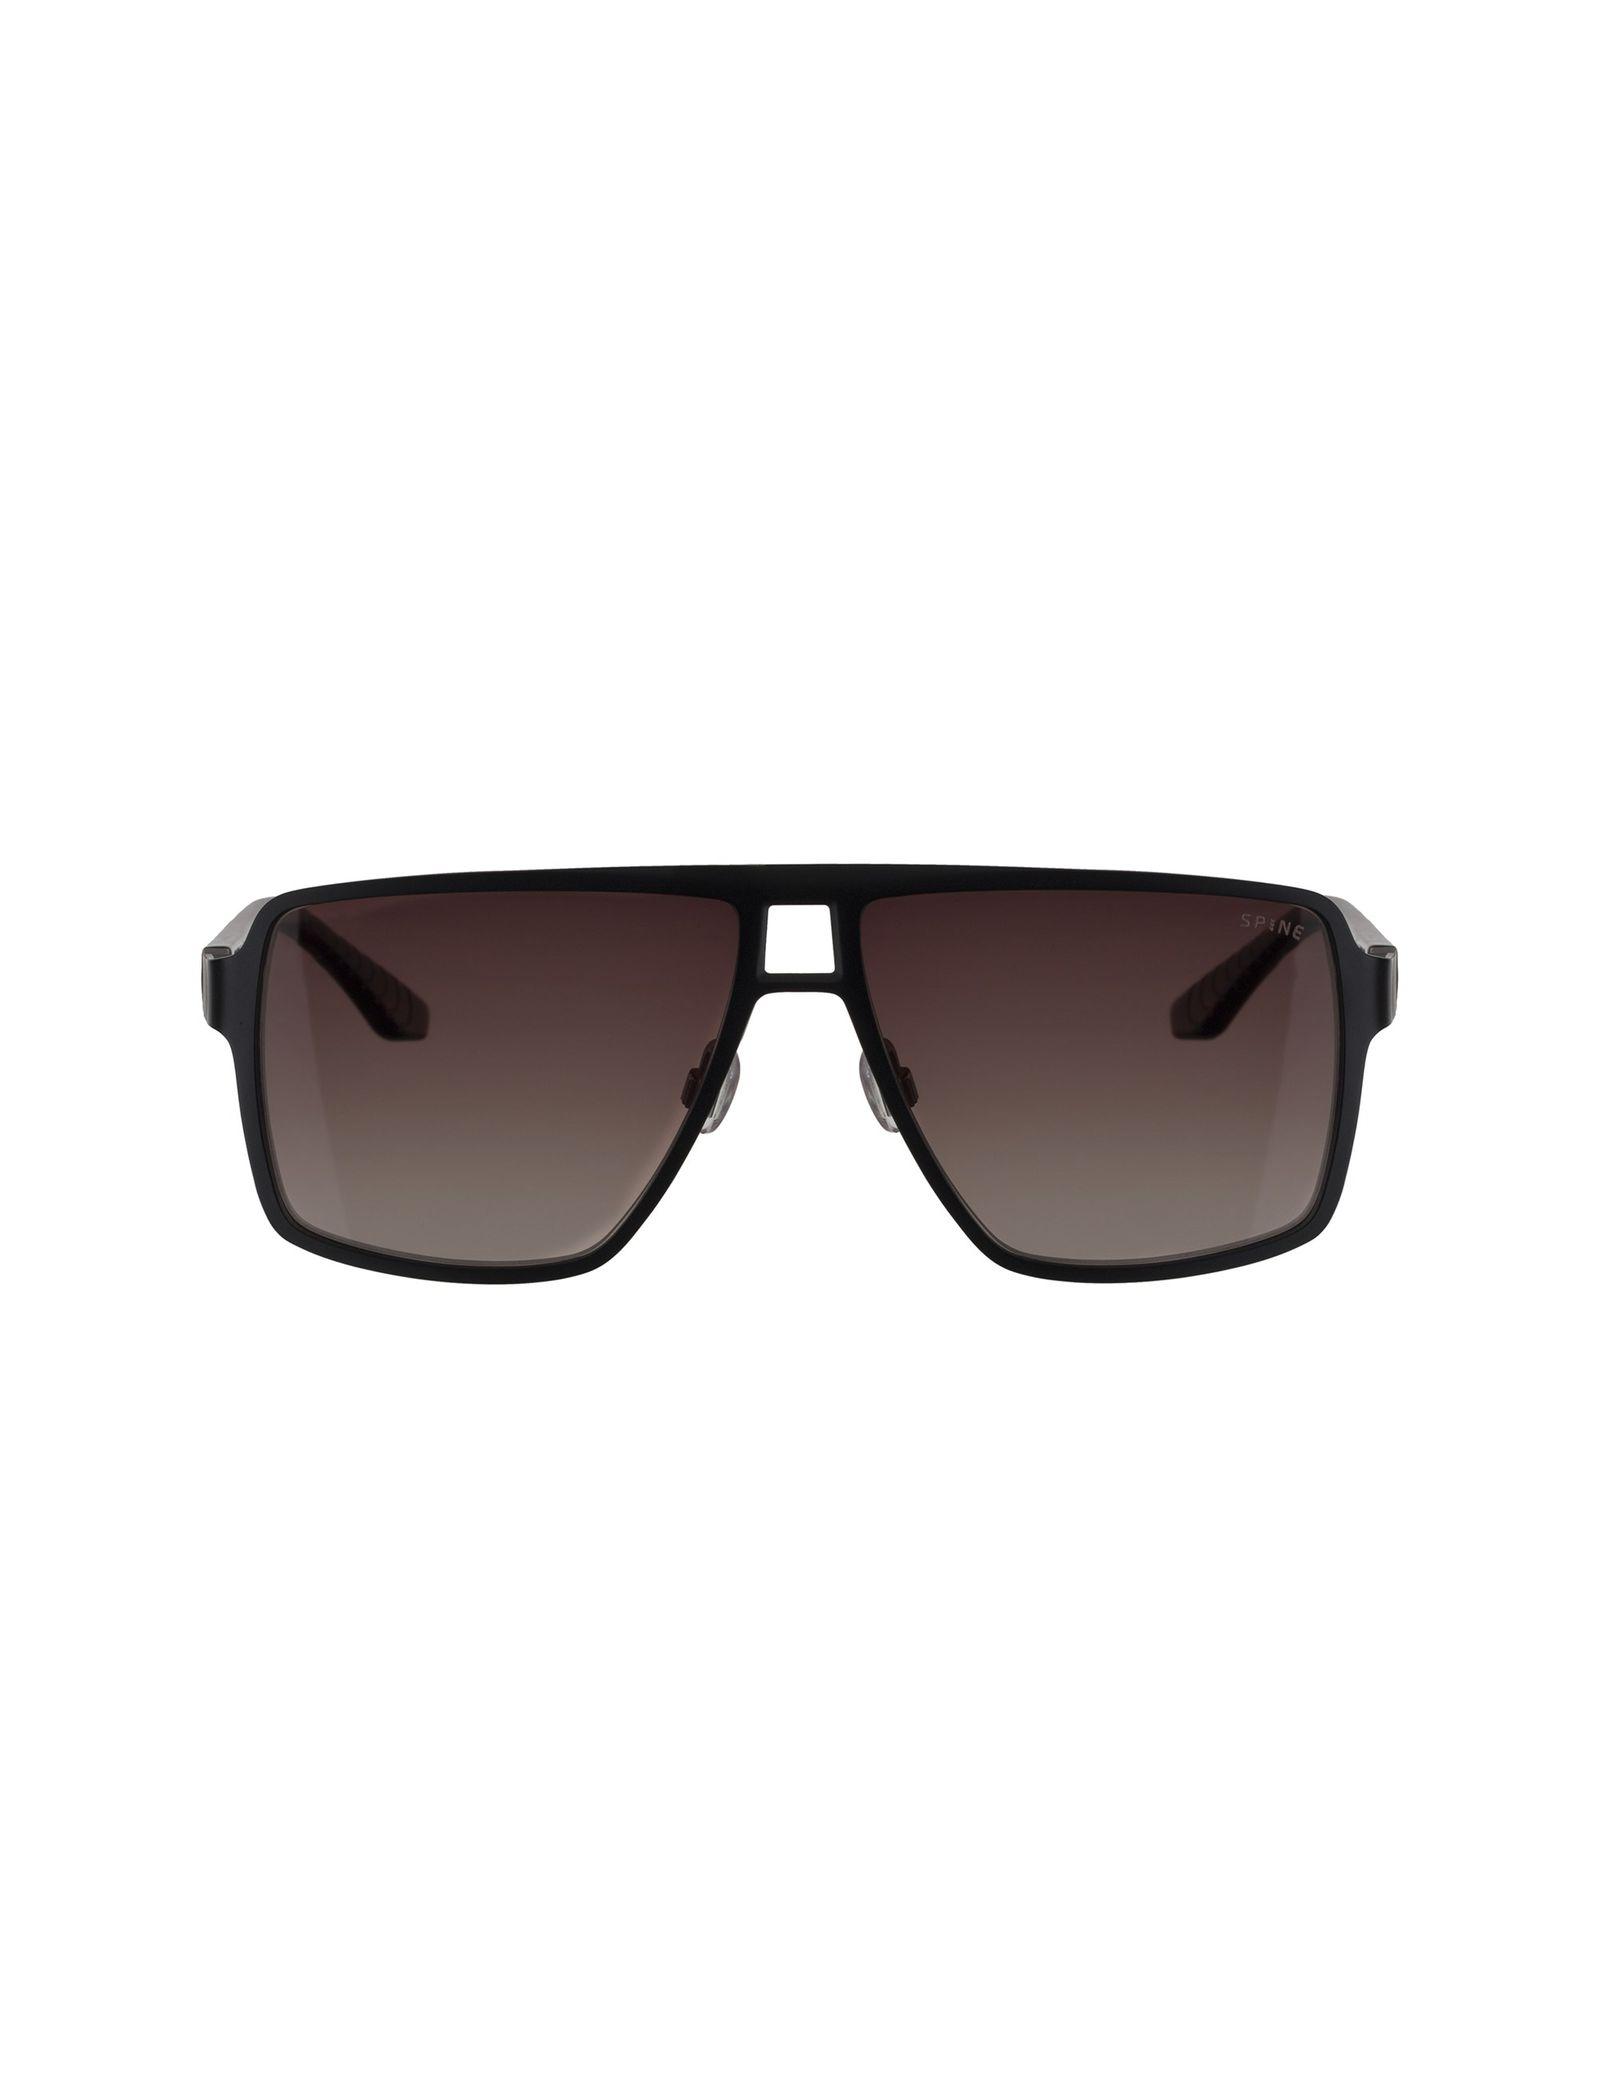 عینک آفتابی خلبانی مردانه - اسپاین - مشکي - 1